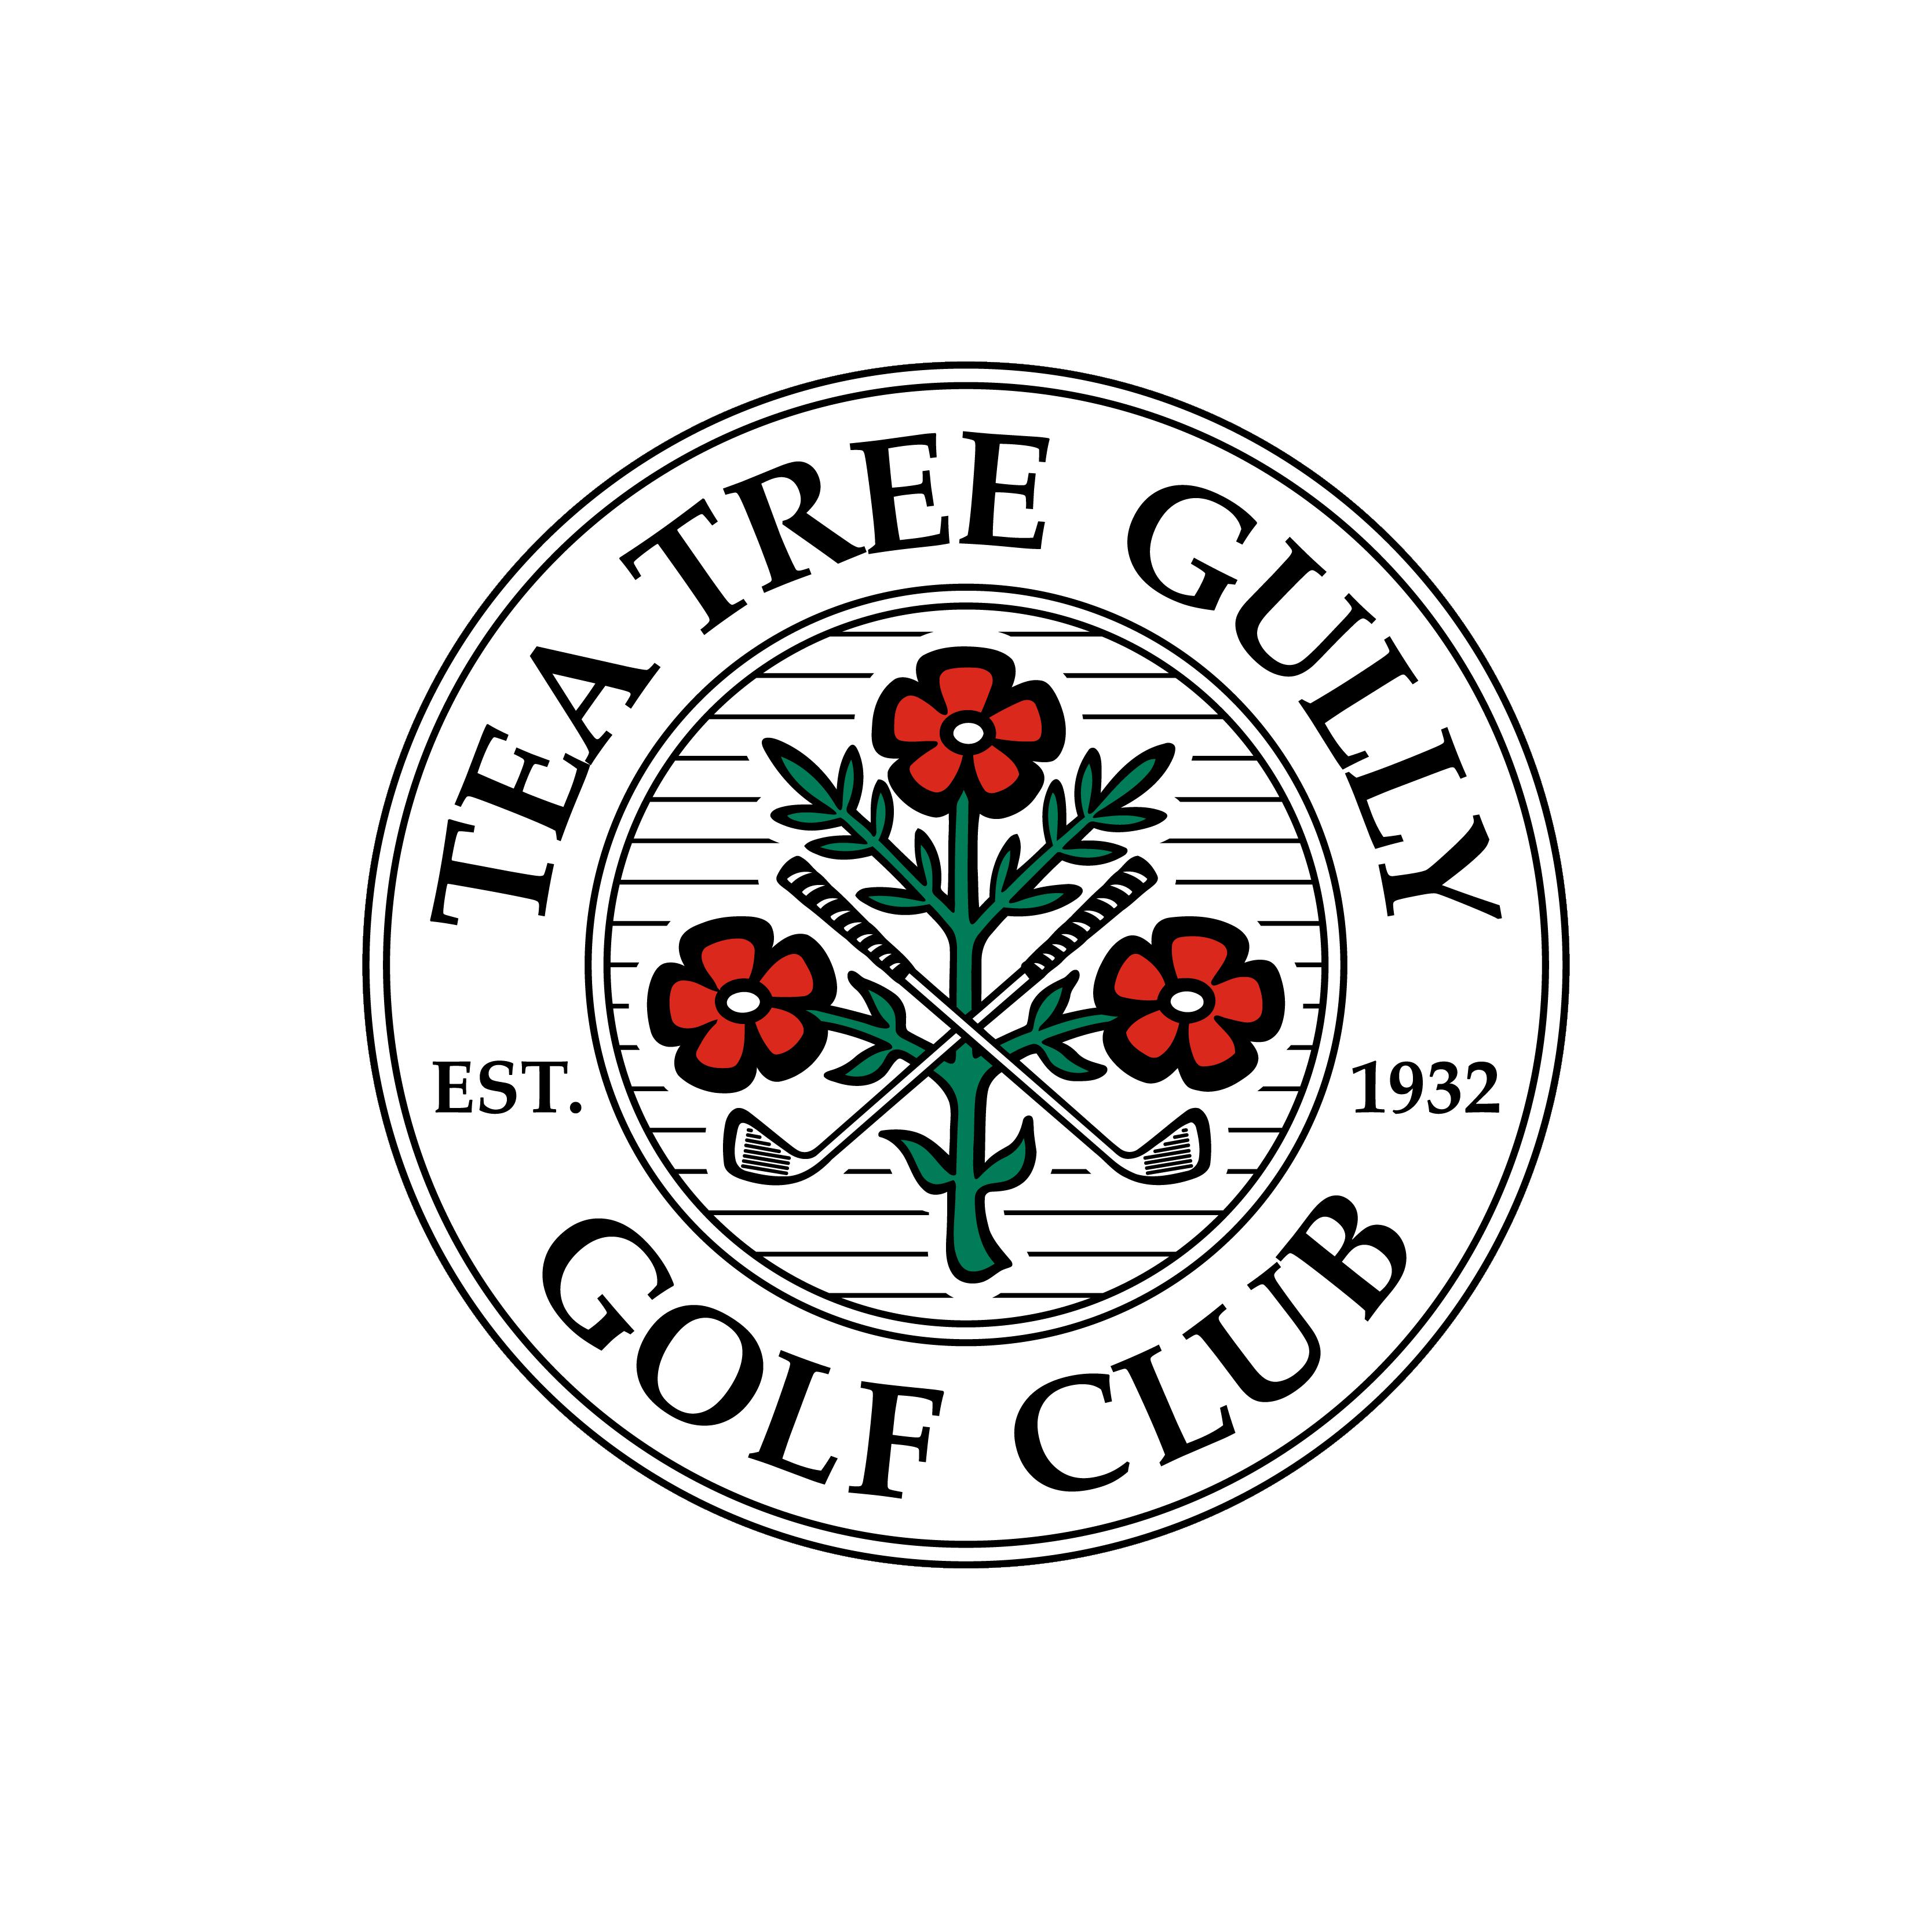 Tea Tree Gully